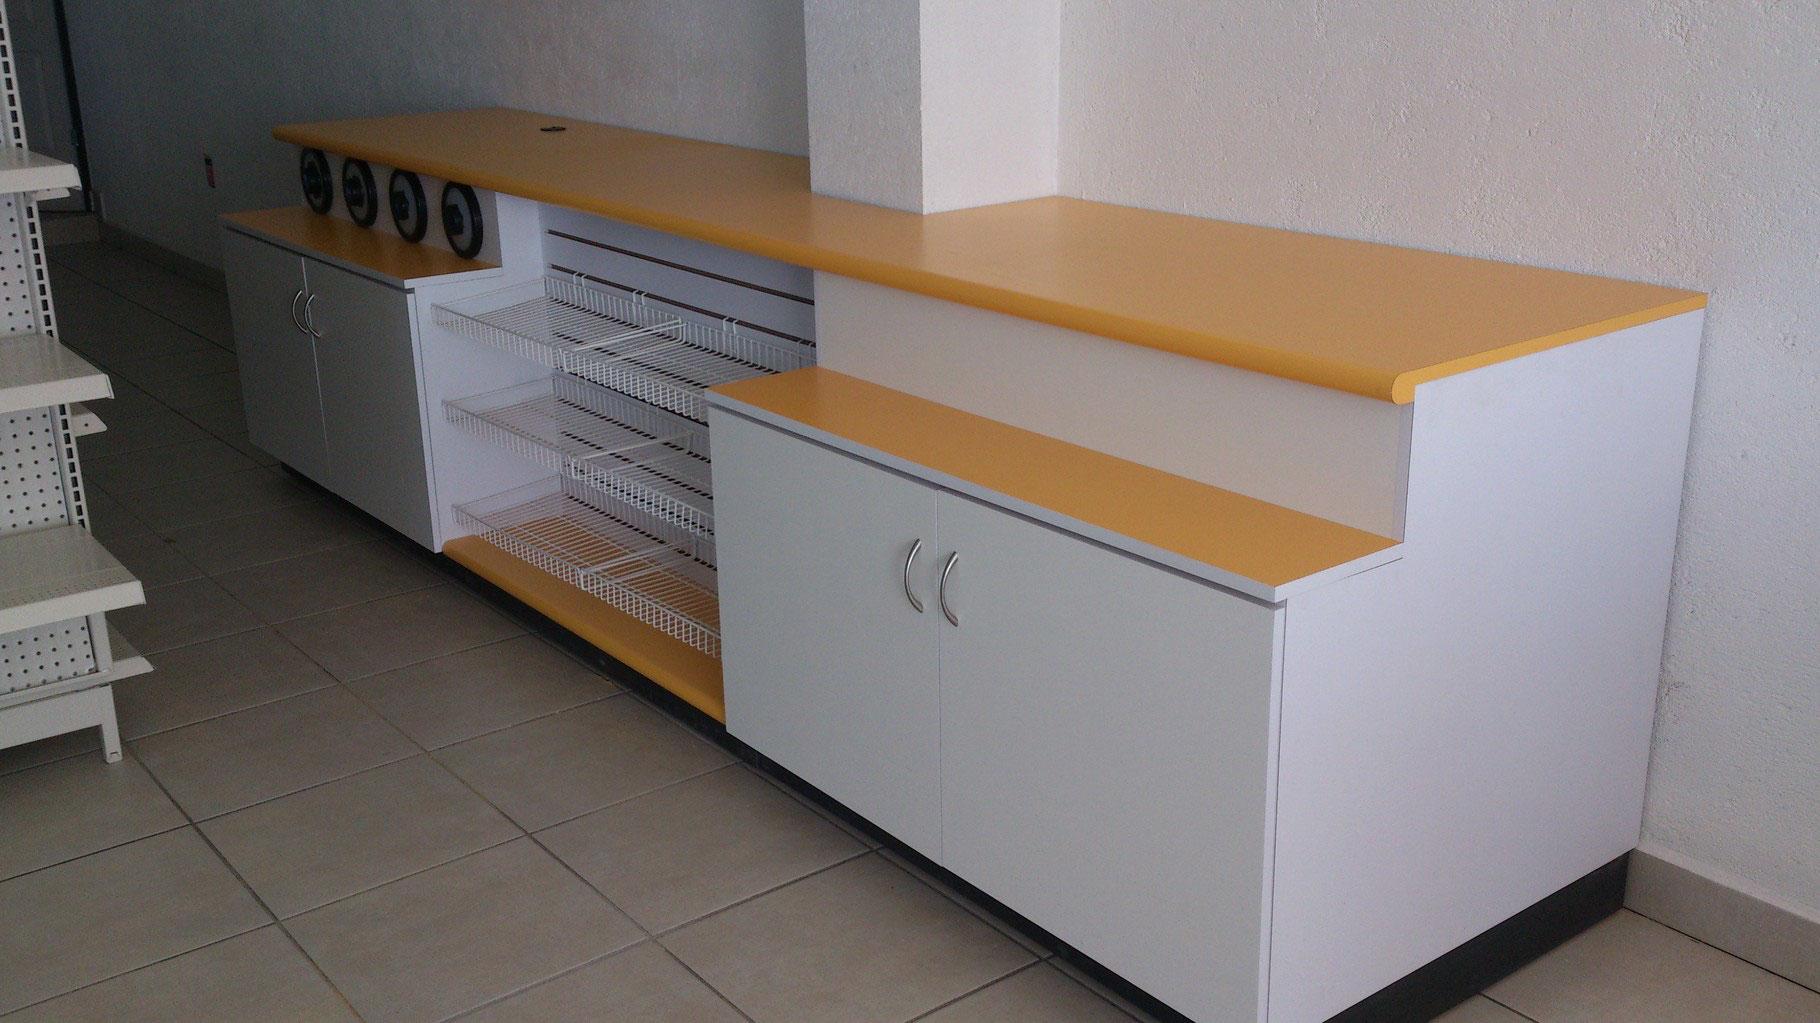 Estanter as met licas estantes de madera mostradores - Mostradores de madera para negocios ...